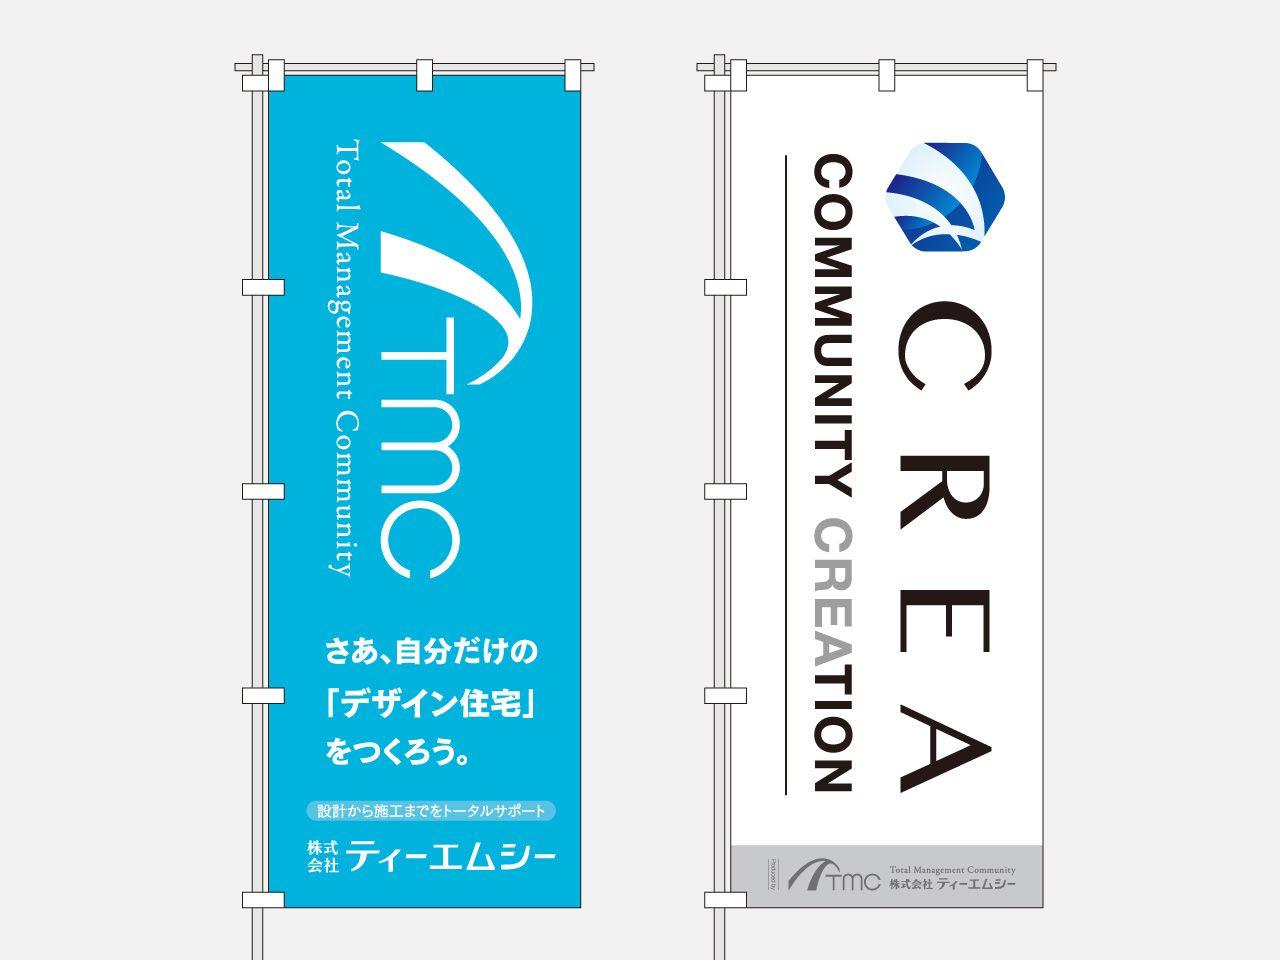 TMC様 のぼり COLORS カラーズ 山口県岩国市 グラフィックデザイン 広告制作